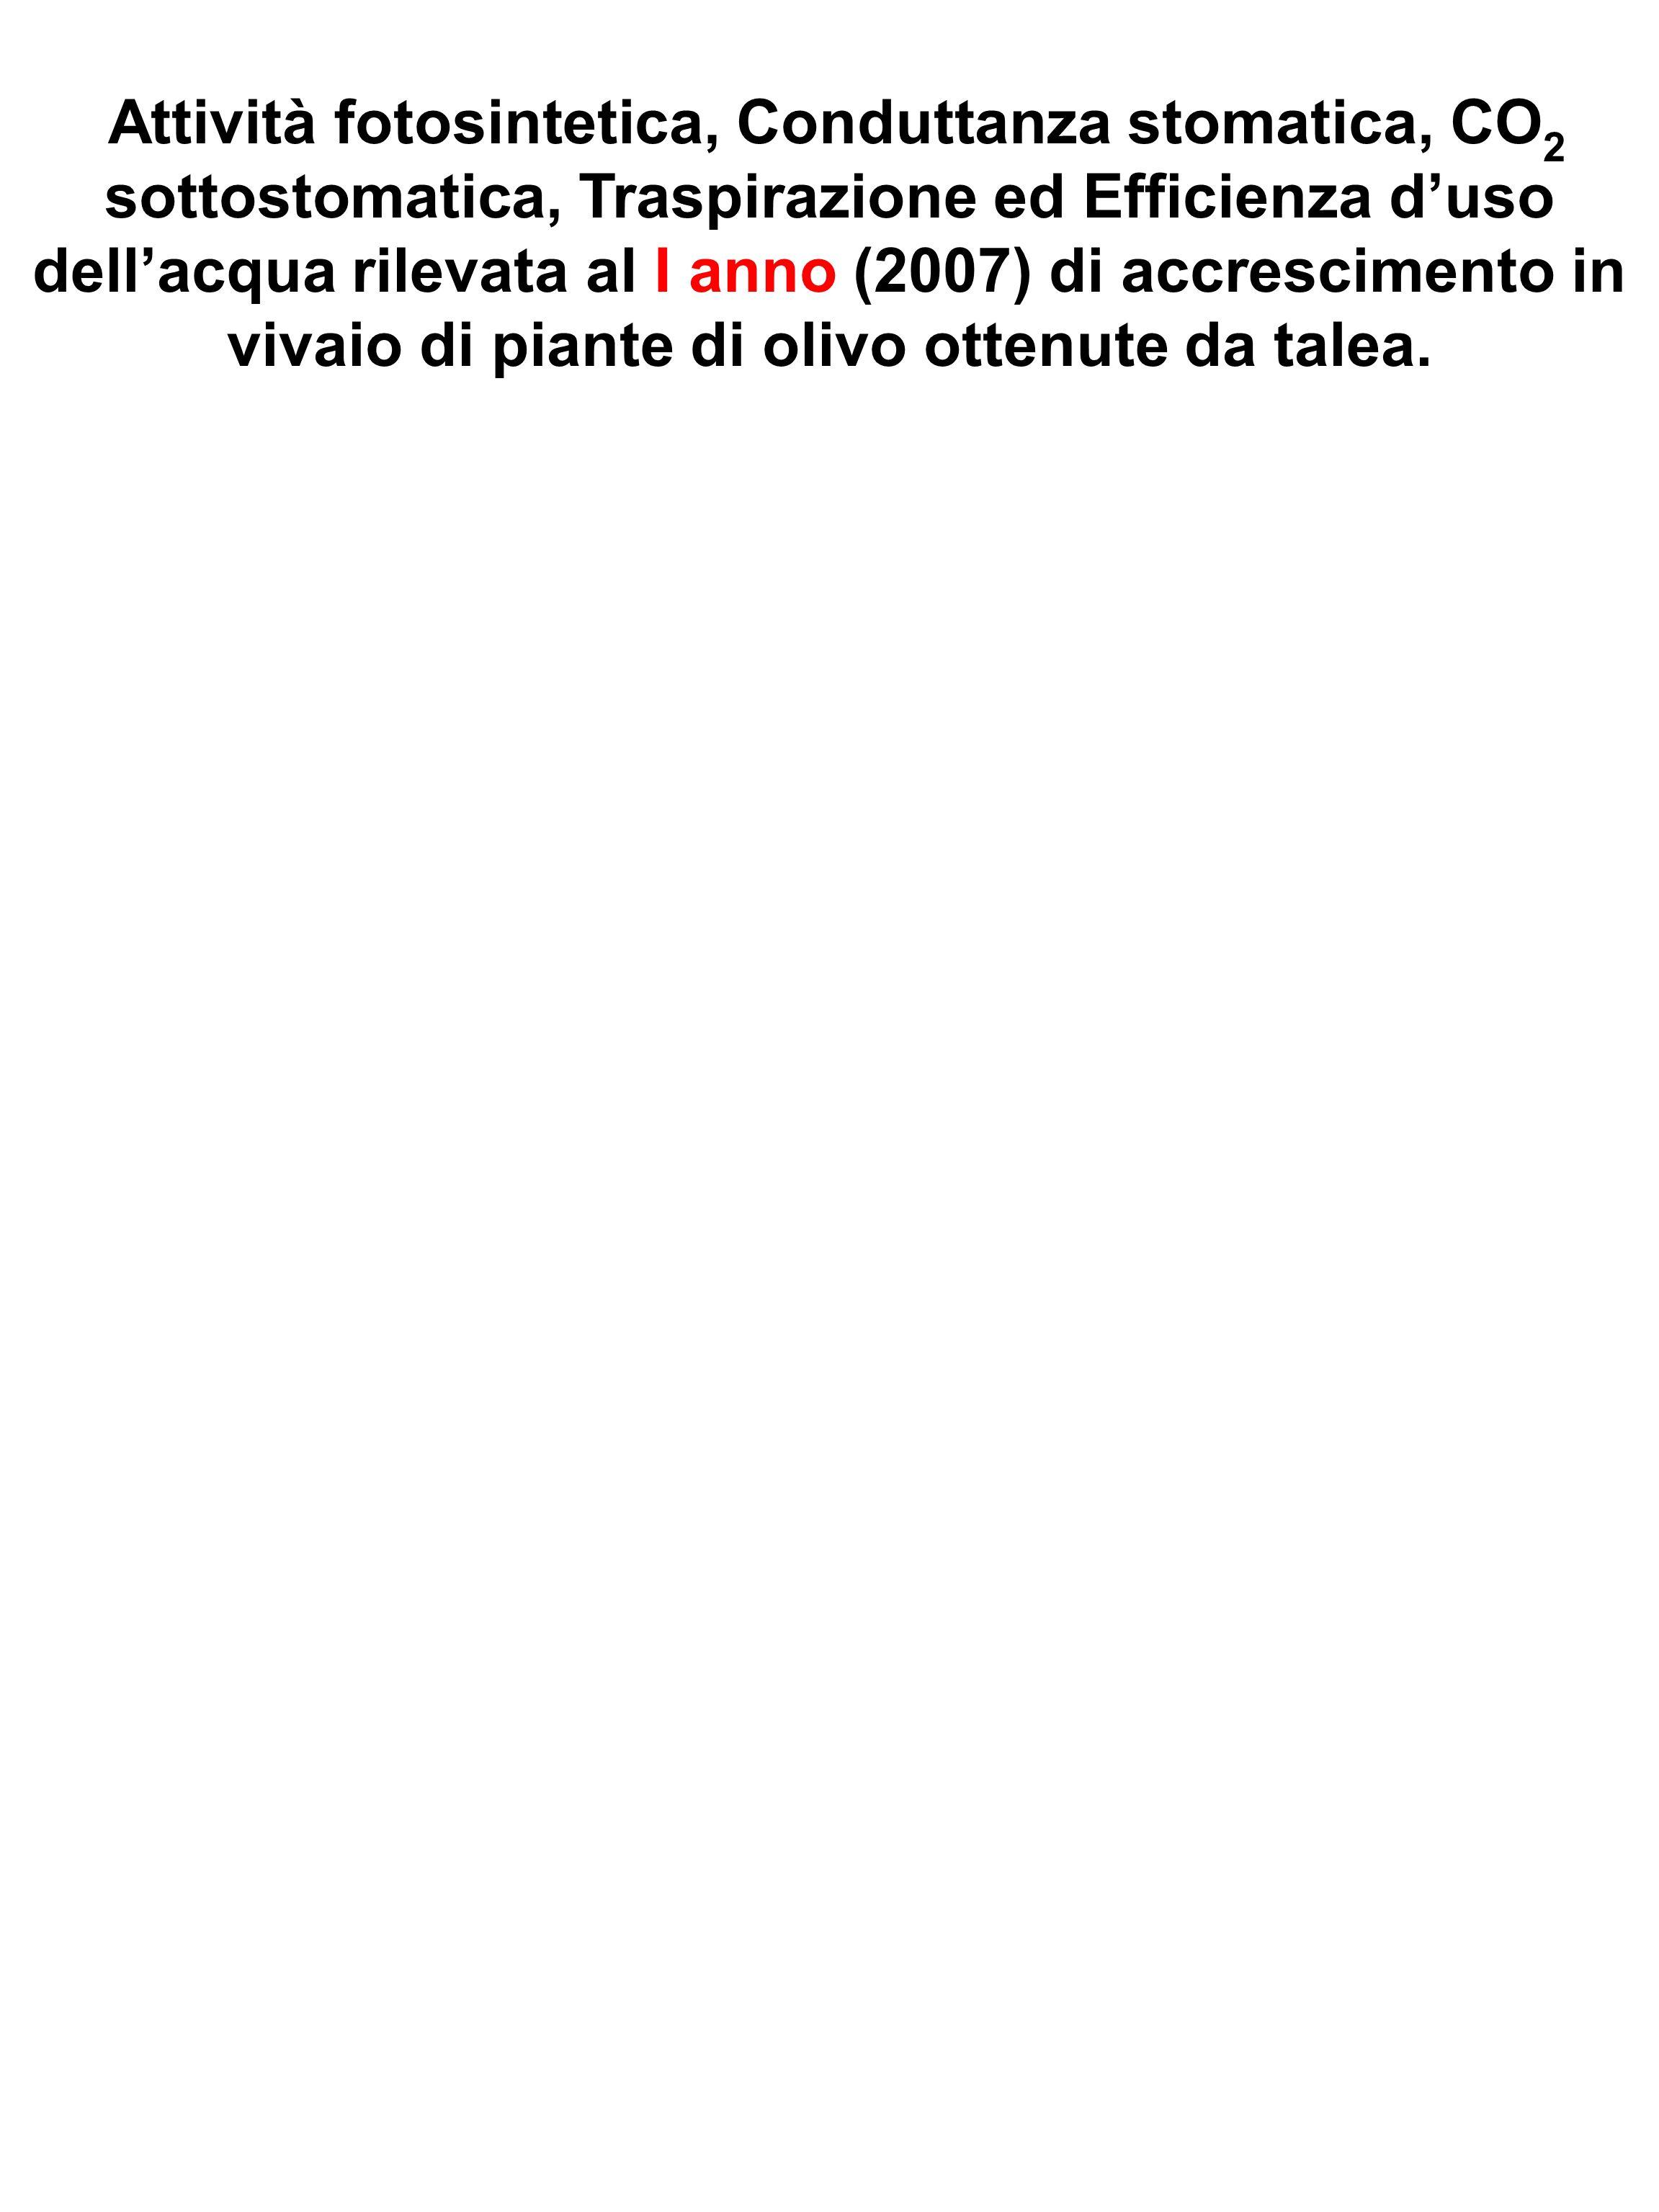 Attività fotosintetica, Conduttanza stomatica, CO2 sottostomatica, Traspirazione ed Efficienza d'uso dell'acqua rilevata al I anno (2007) di accrescimento in vivaio di piante di olivo ottenute da talea.